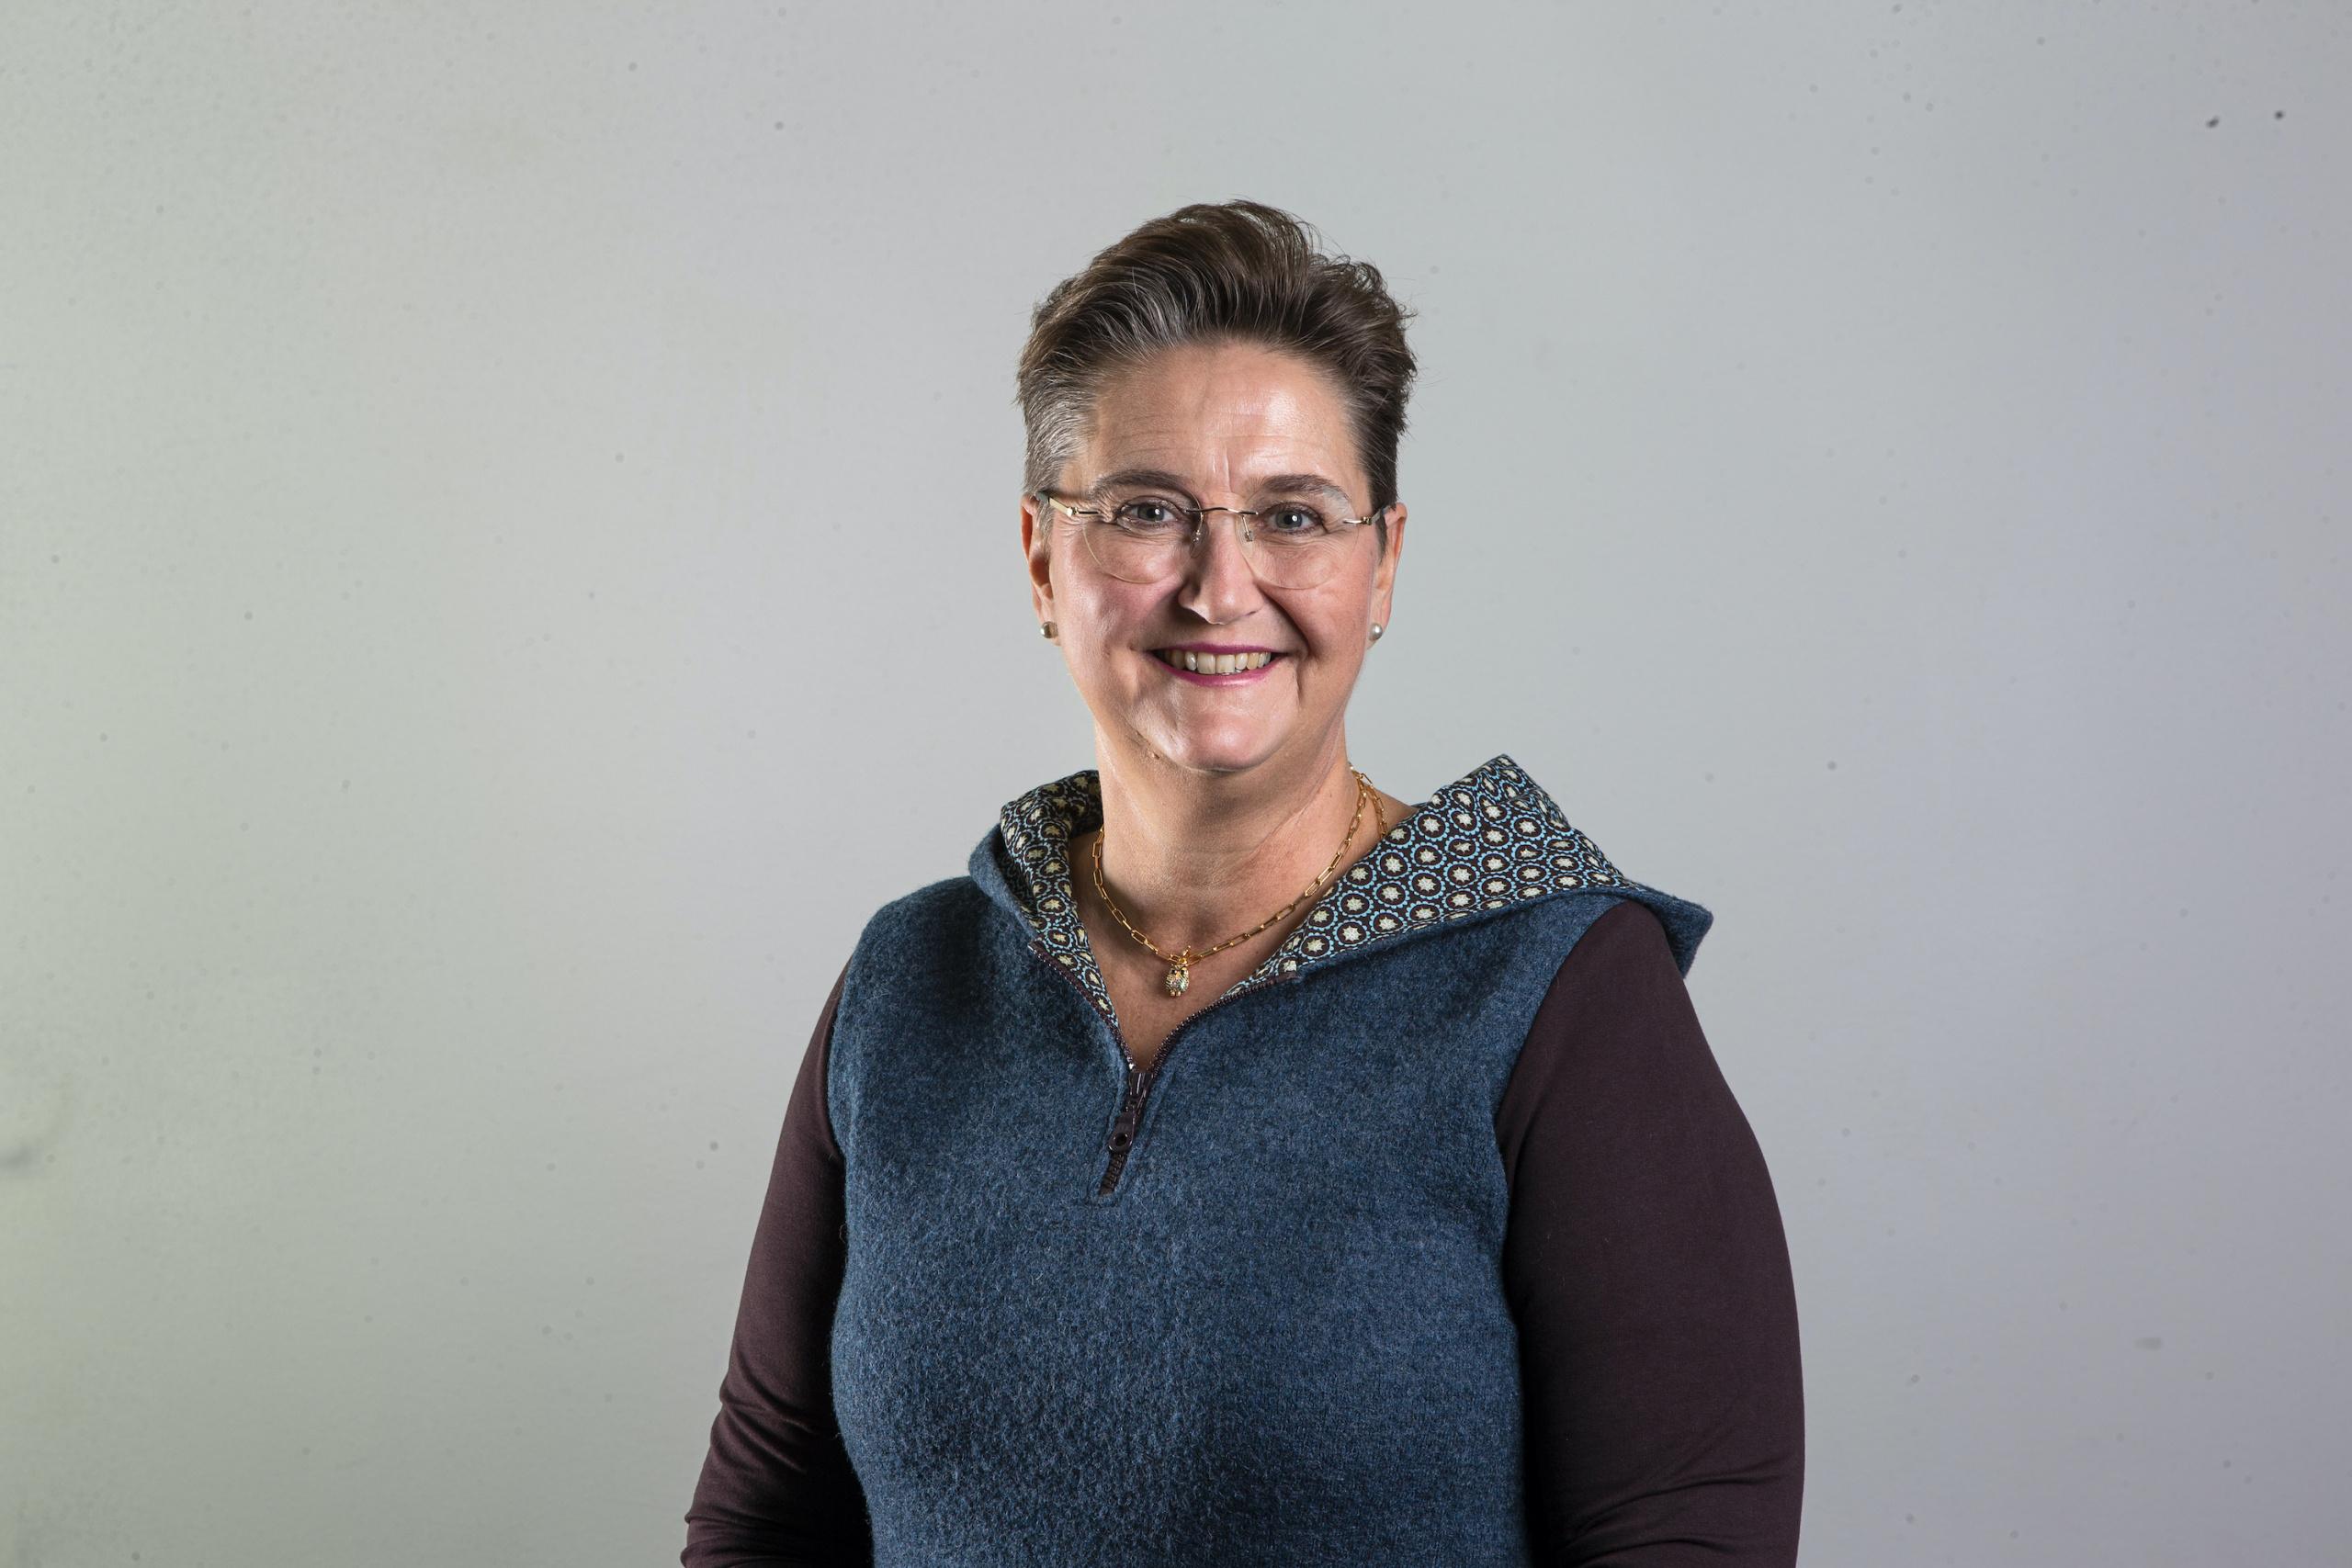 Bilde av smilende kvinnelig leder